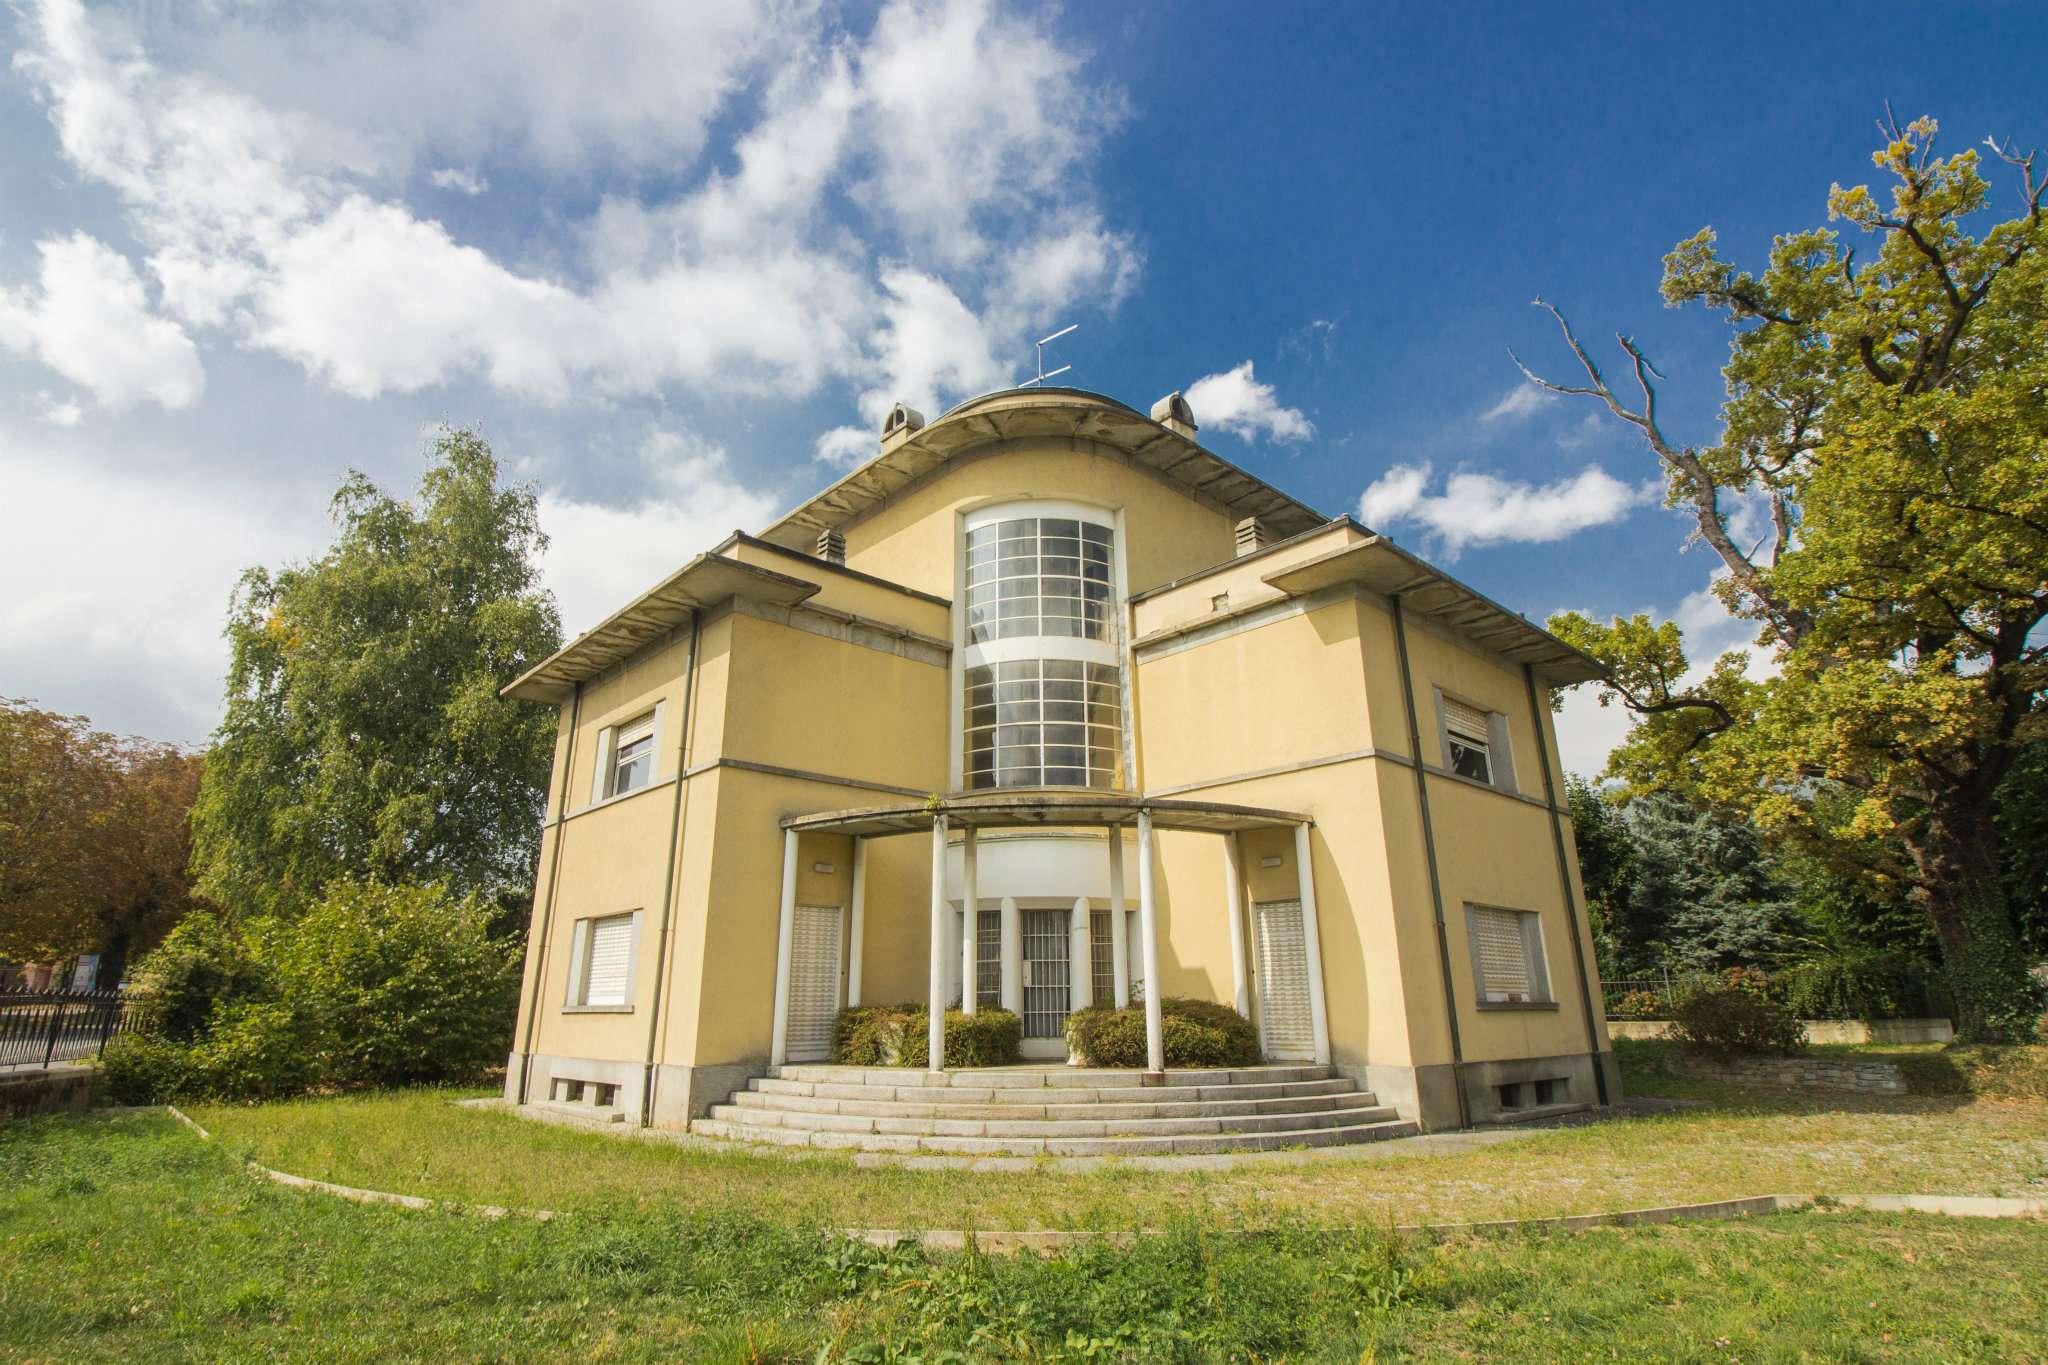 Villa in vendita a Luserna San Giovanni, 14 locali, prezzo € 390.000 | CambioCasa.it